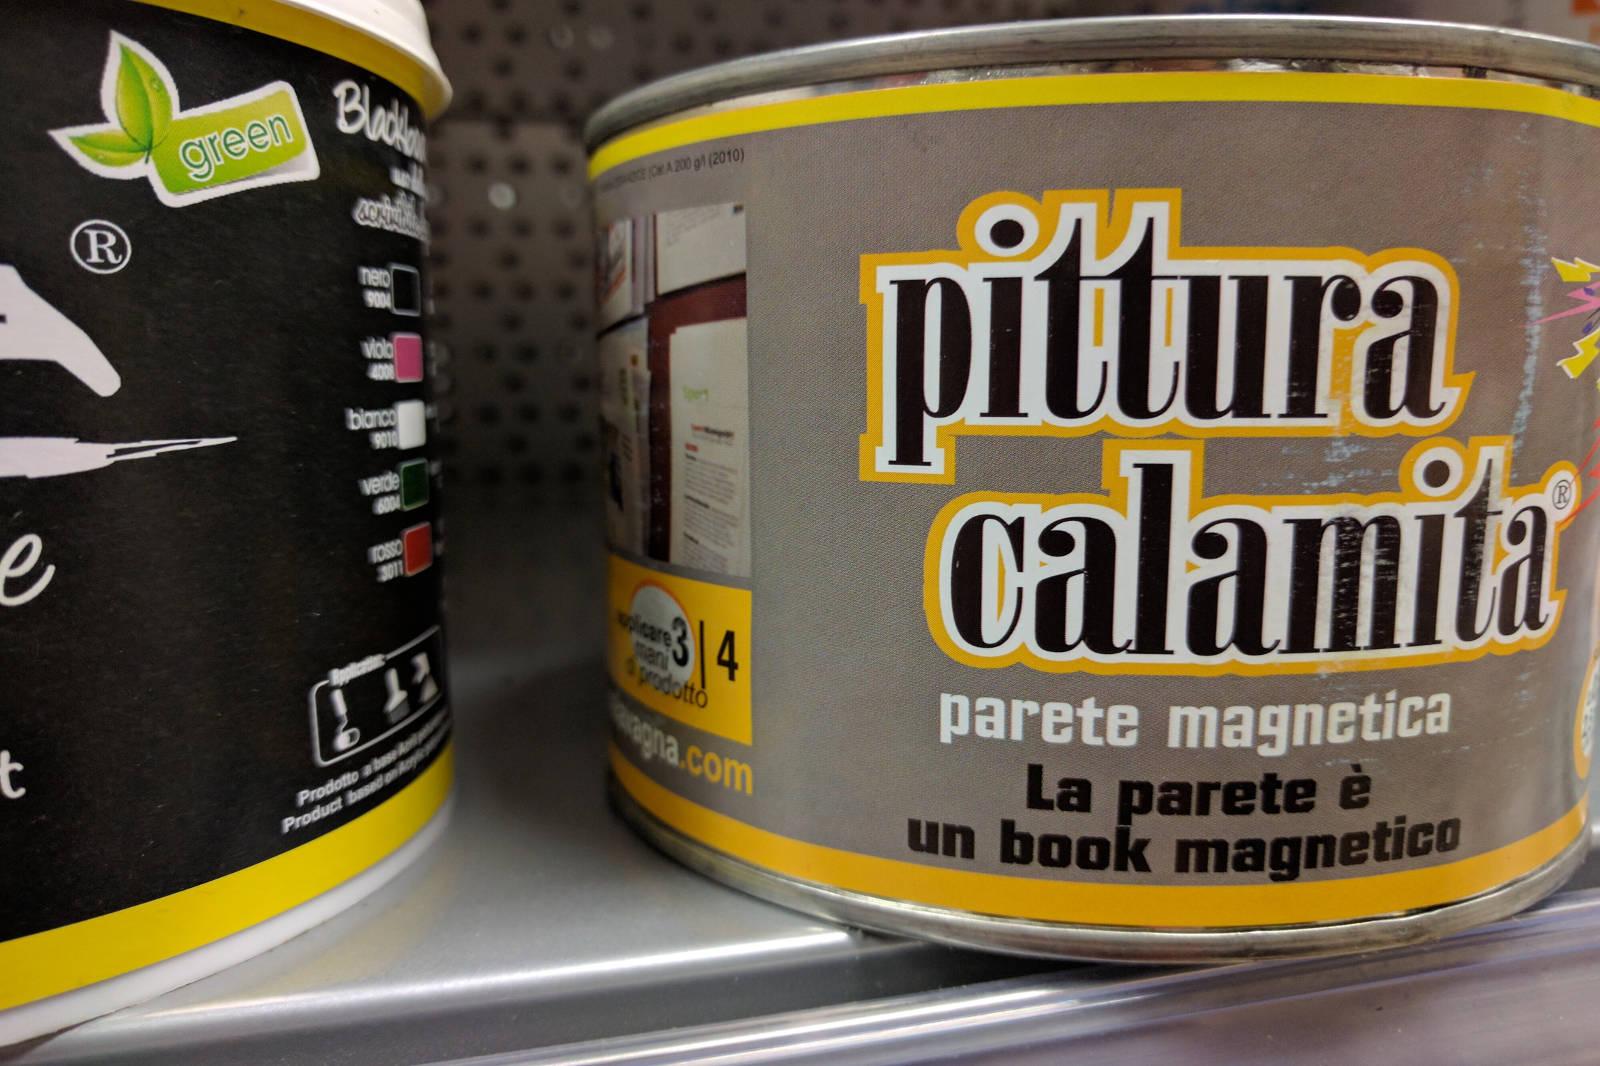 pittura-calamita-confezione.jpg